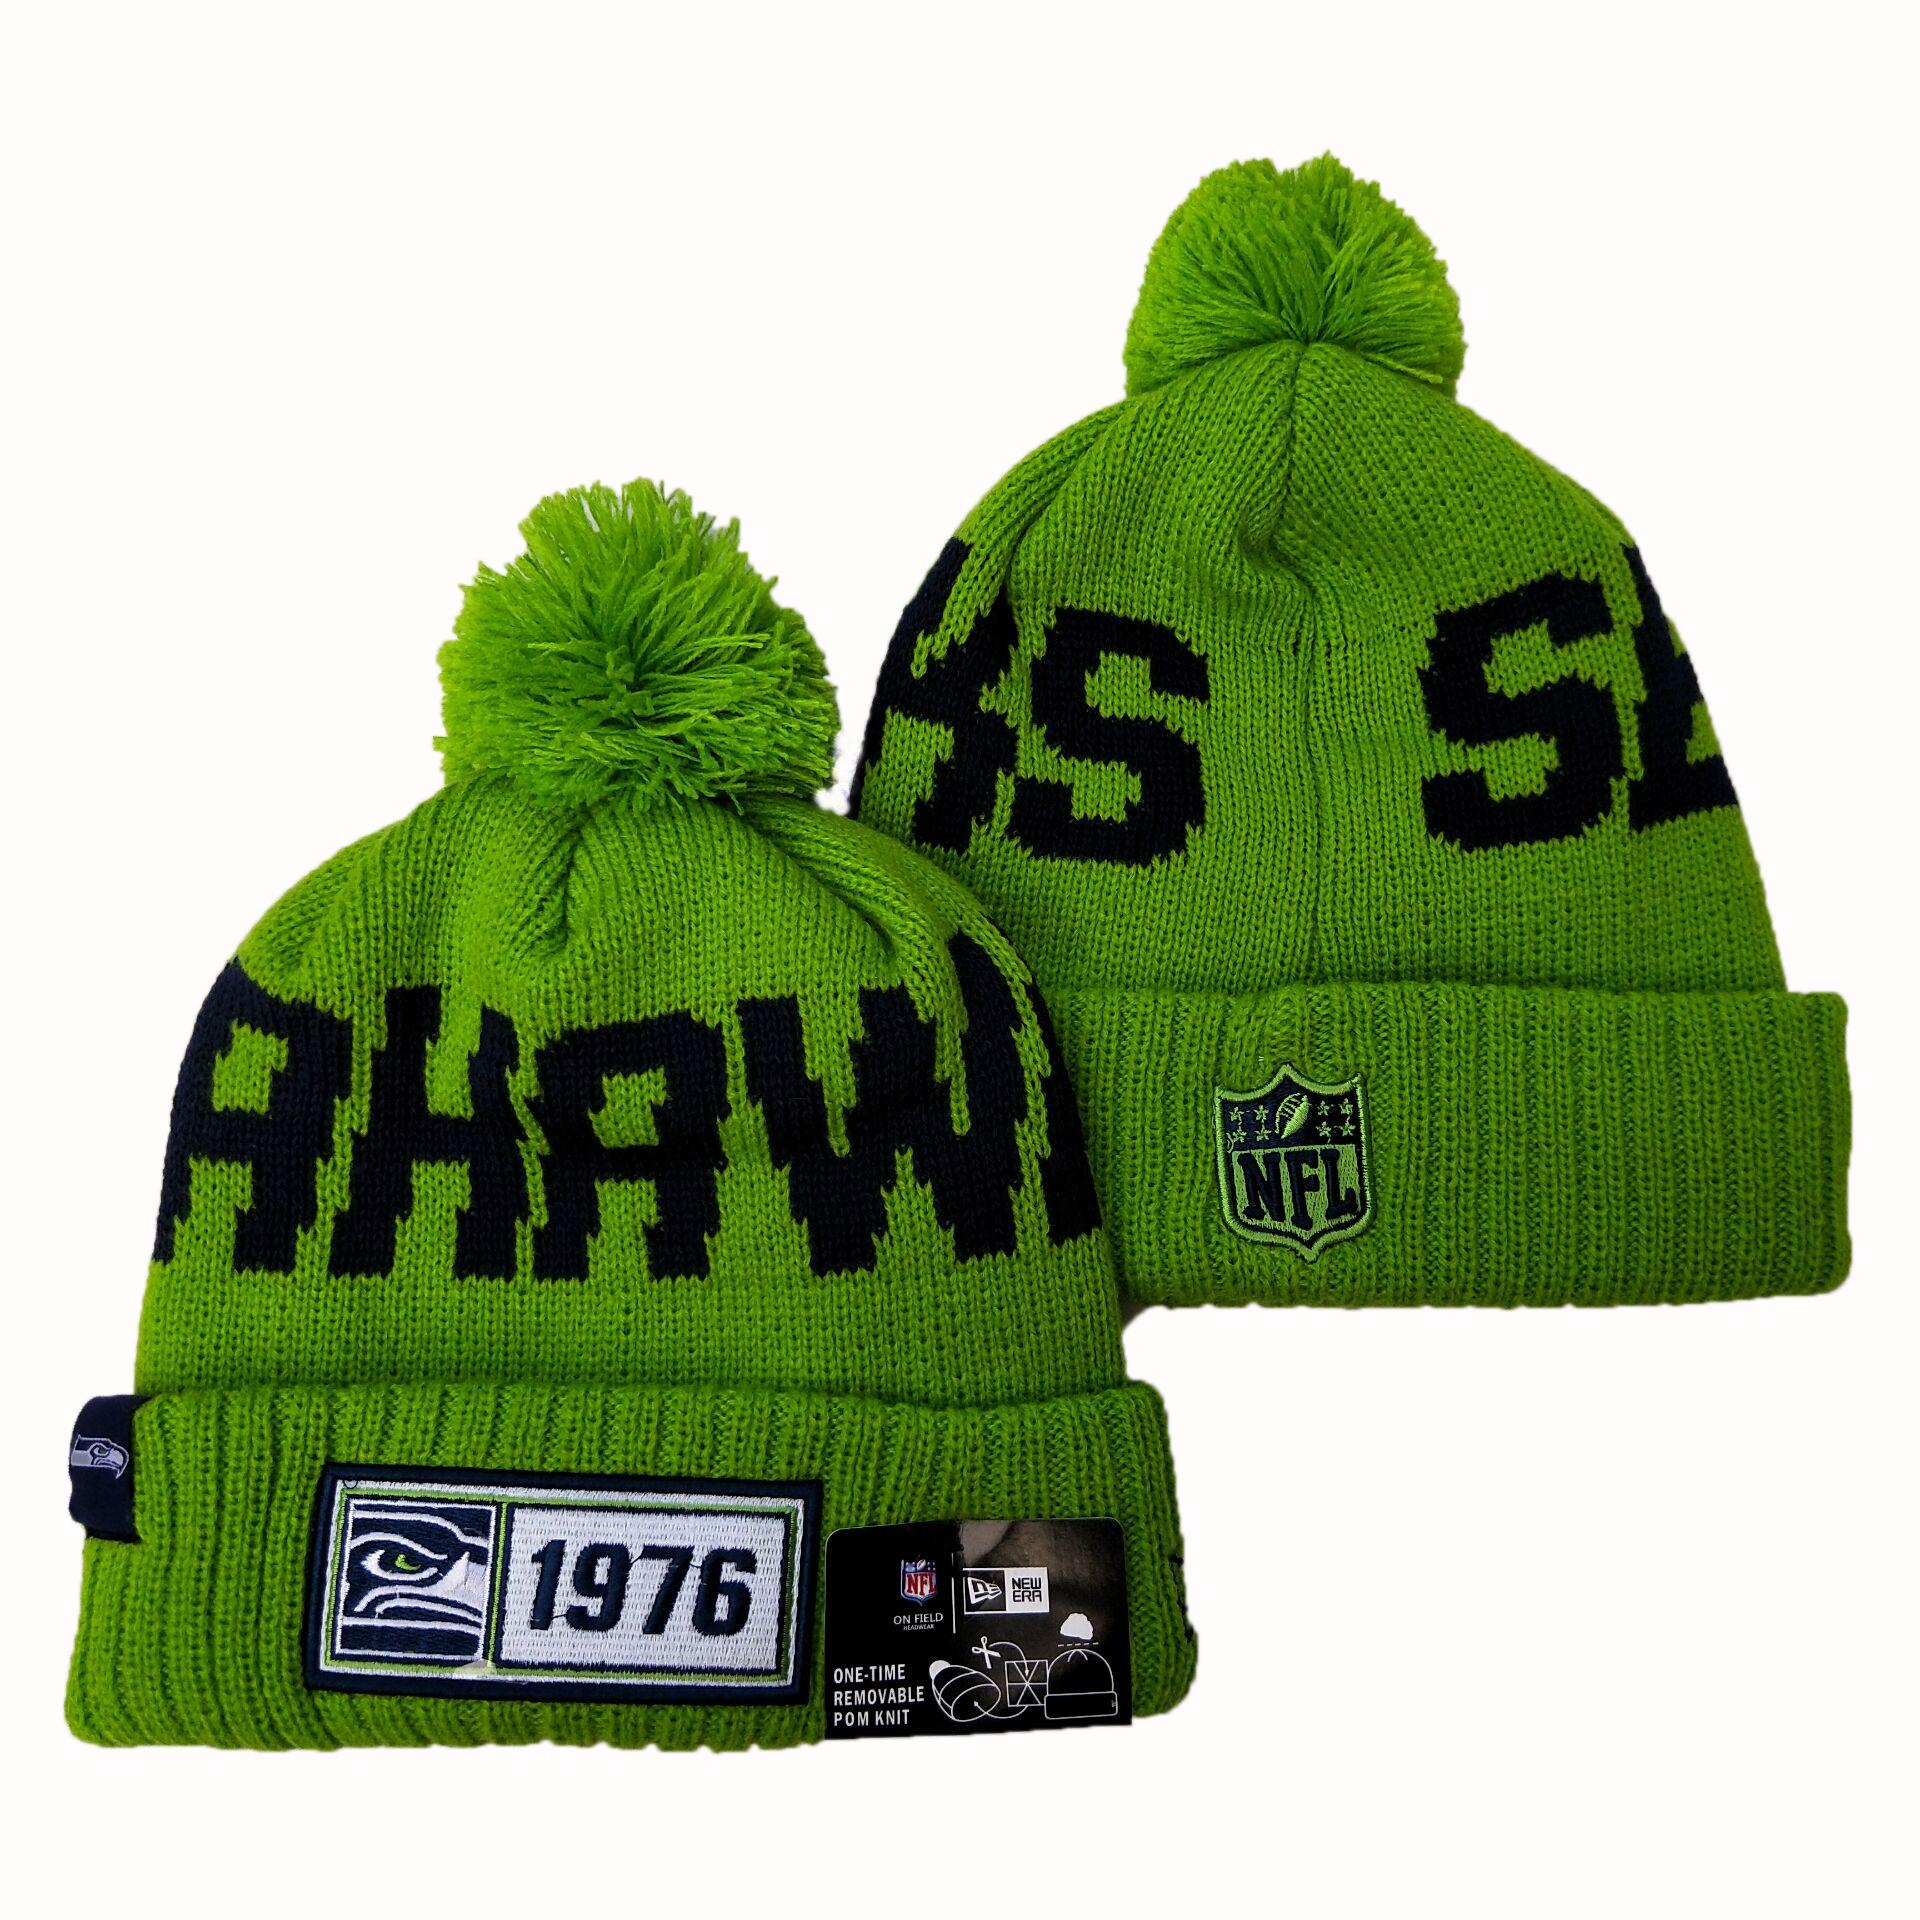 Seahawks Team Logo Green Pom Knit Hat YD